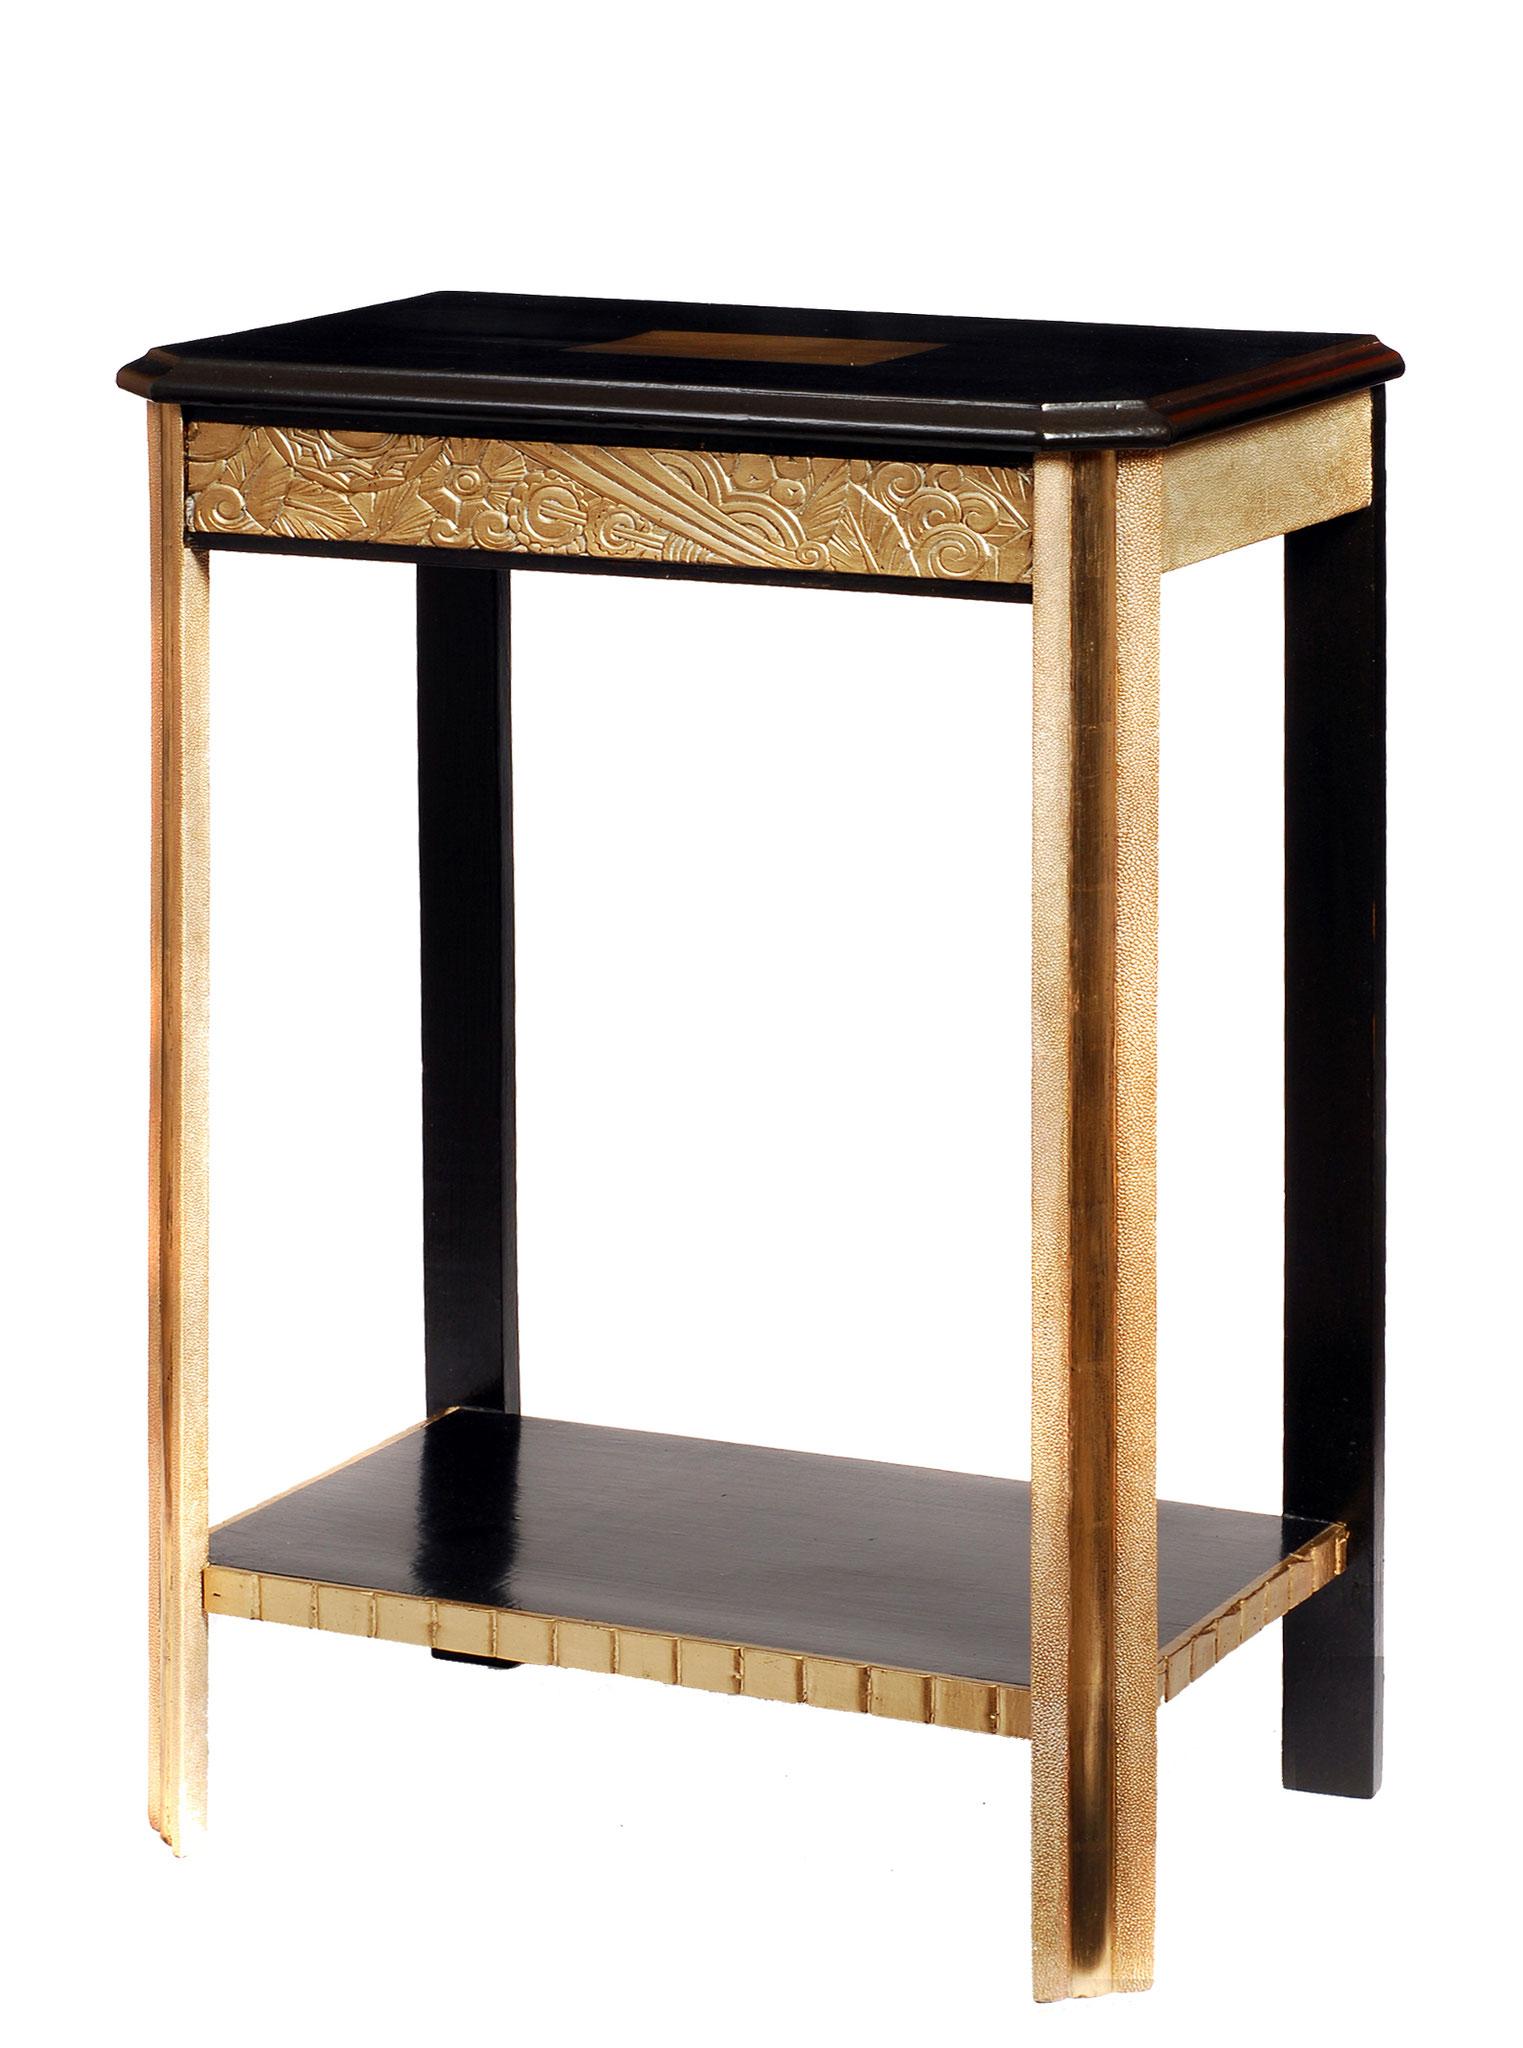 Console laquée avec dorure à la feuille d'or et empreinte de peaux de galuchat - Ancien meuble des années 30 - 82 x 51 x 34 cm